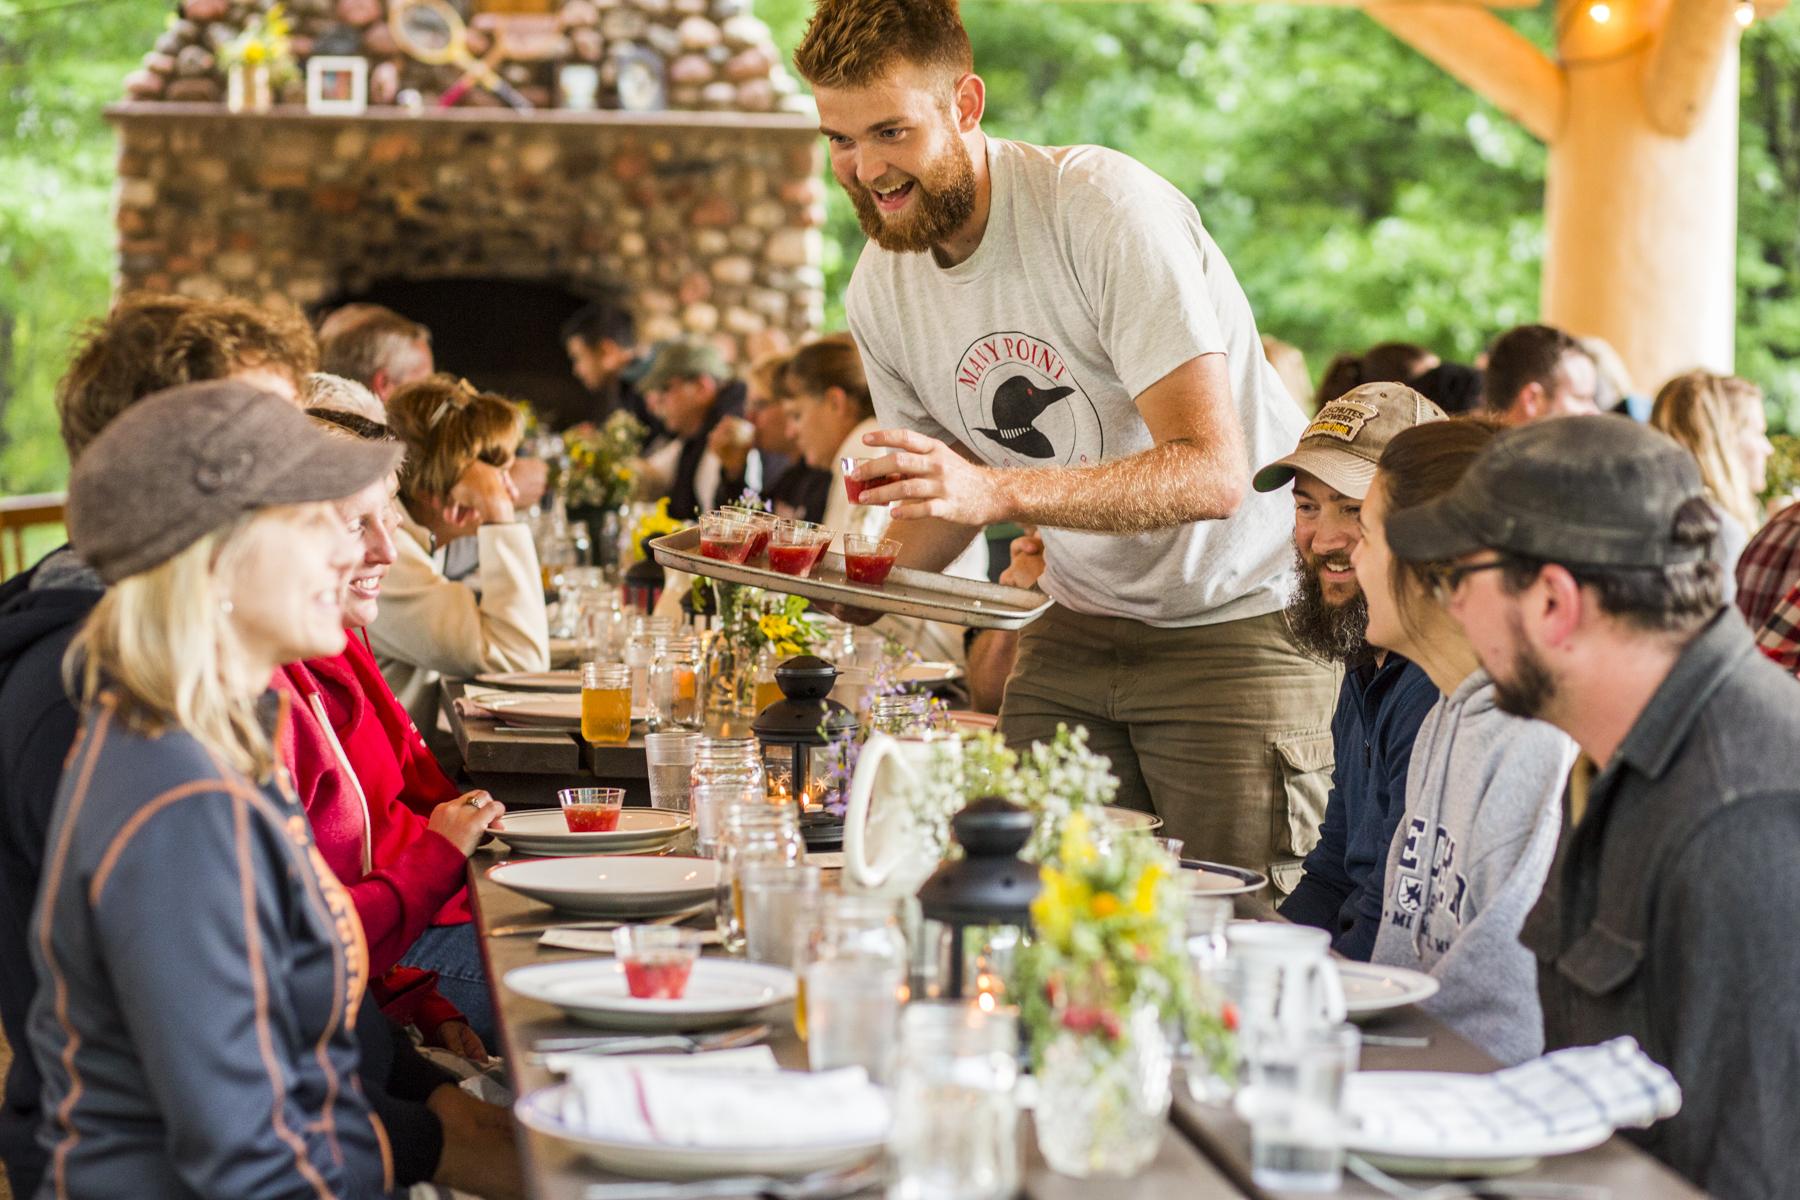 Hester_ChefCamp2016_228.JPG